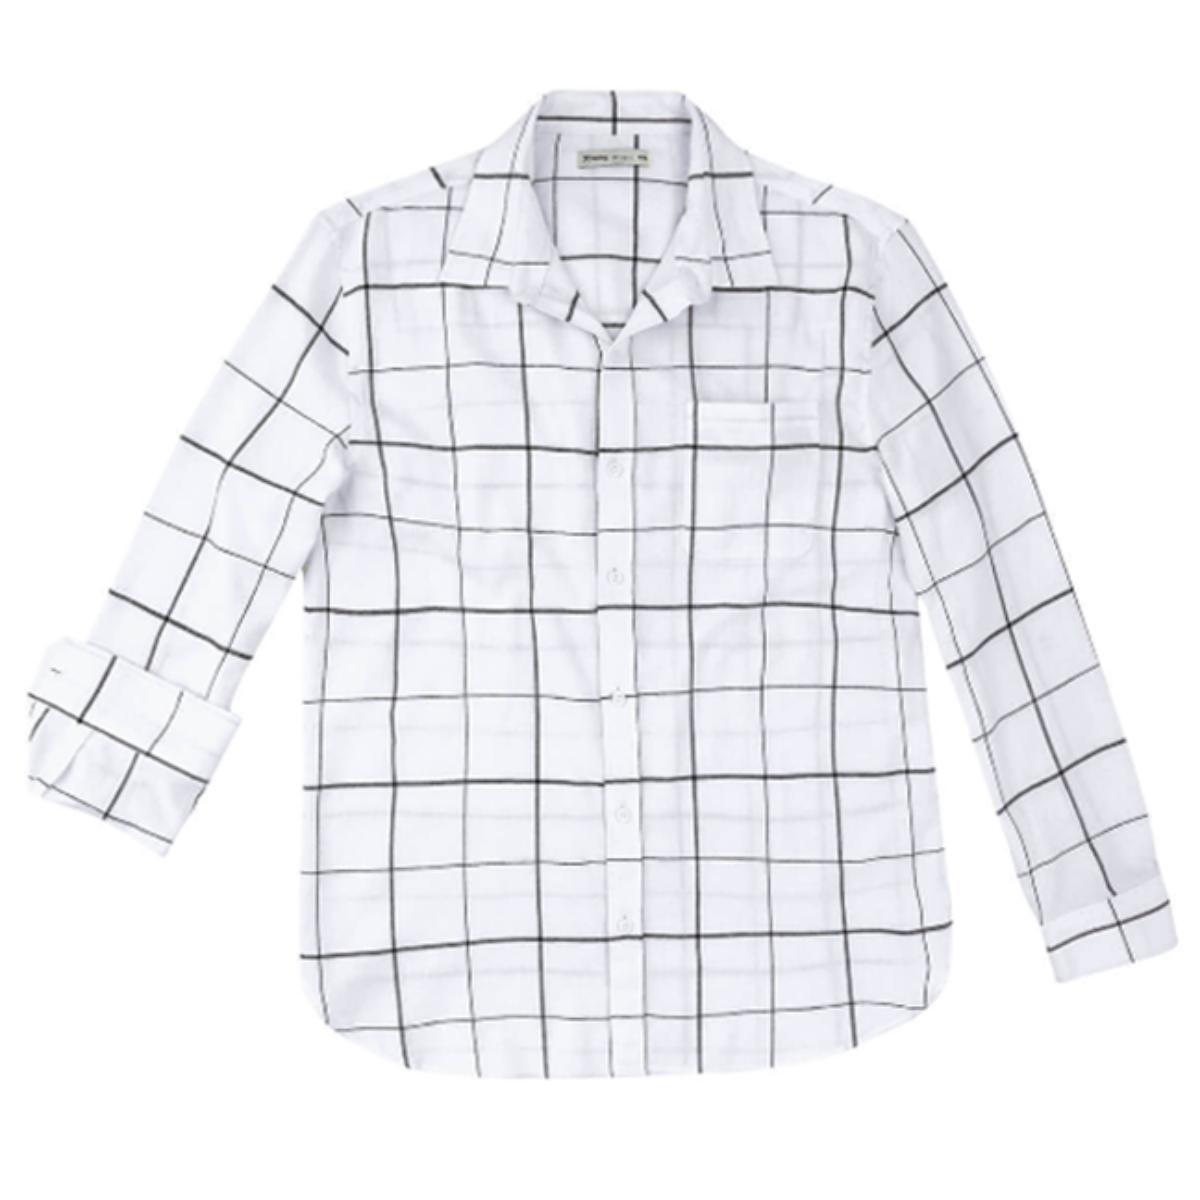 Camisa Masculina Hering Ktzc 1dsi Off White